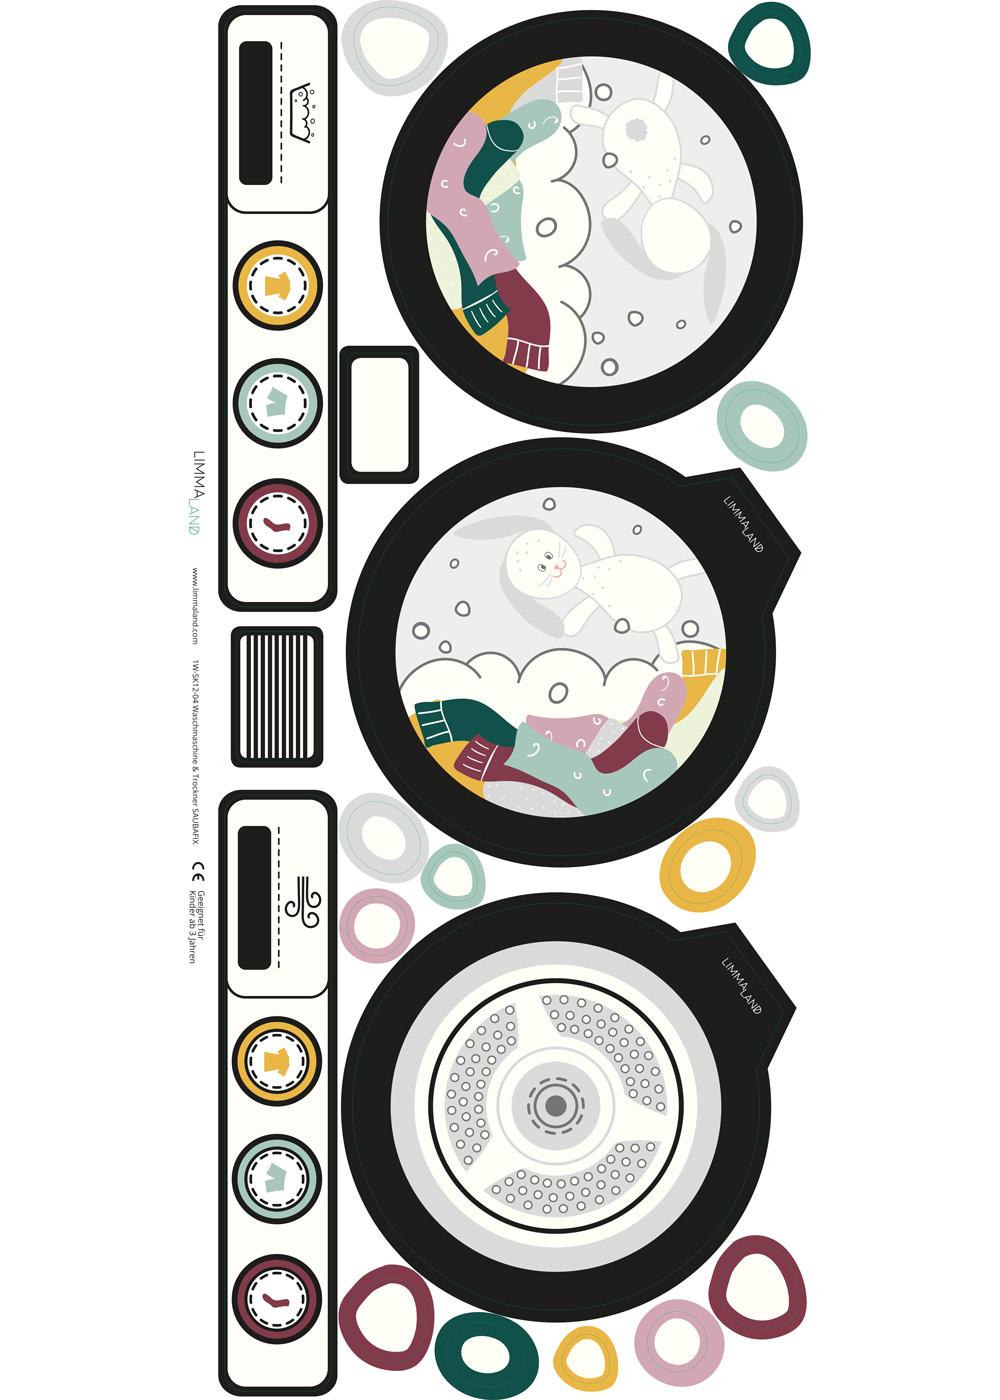 Kinderwaschmaschine Saubafix Teilansicht Waschmaschine Druckvorlage